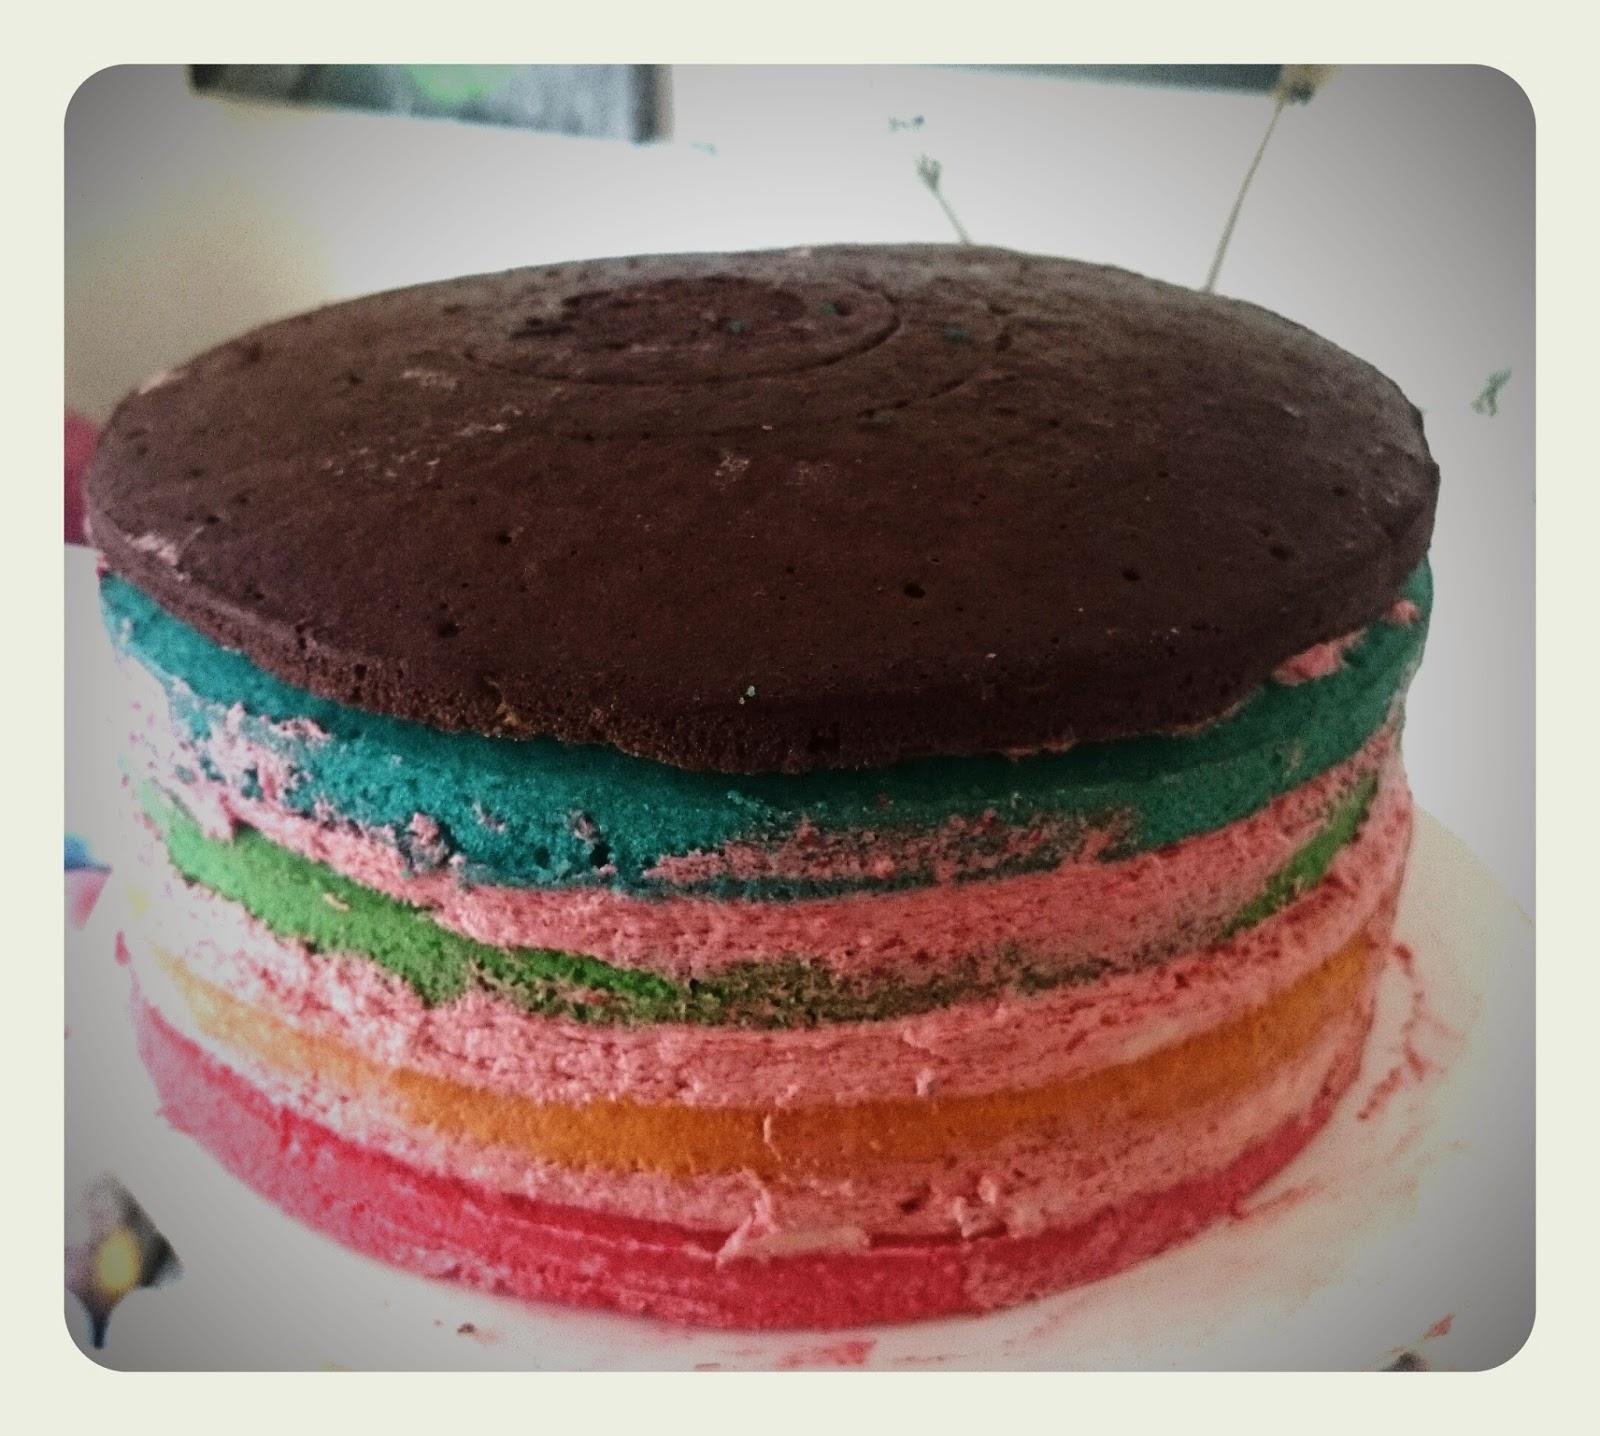 regenbogentorte backen regenbogenkuchen rezept mit. Black Bedroom Furniture Sets. Home Design Ideas